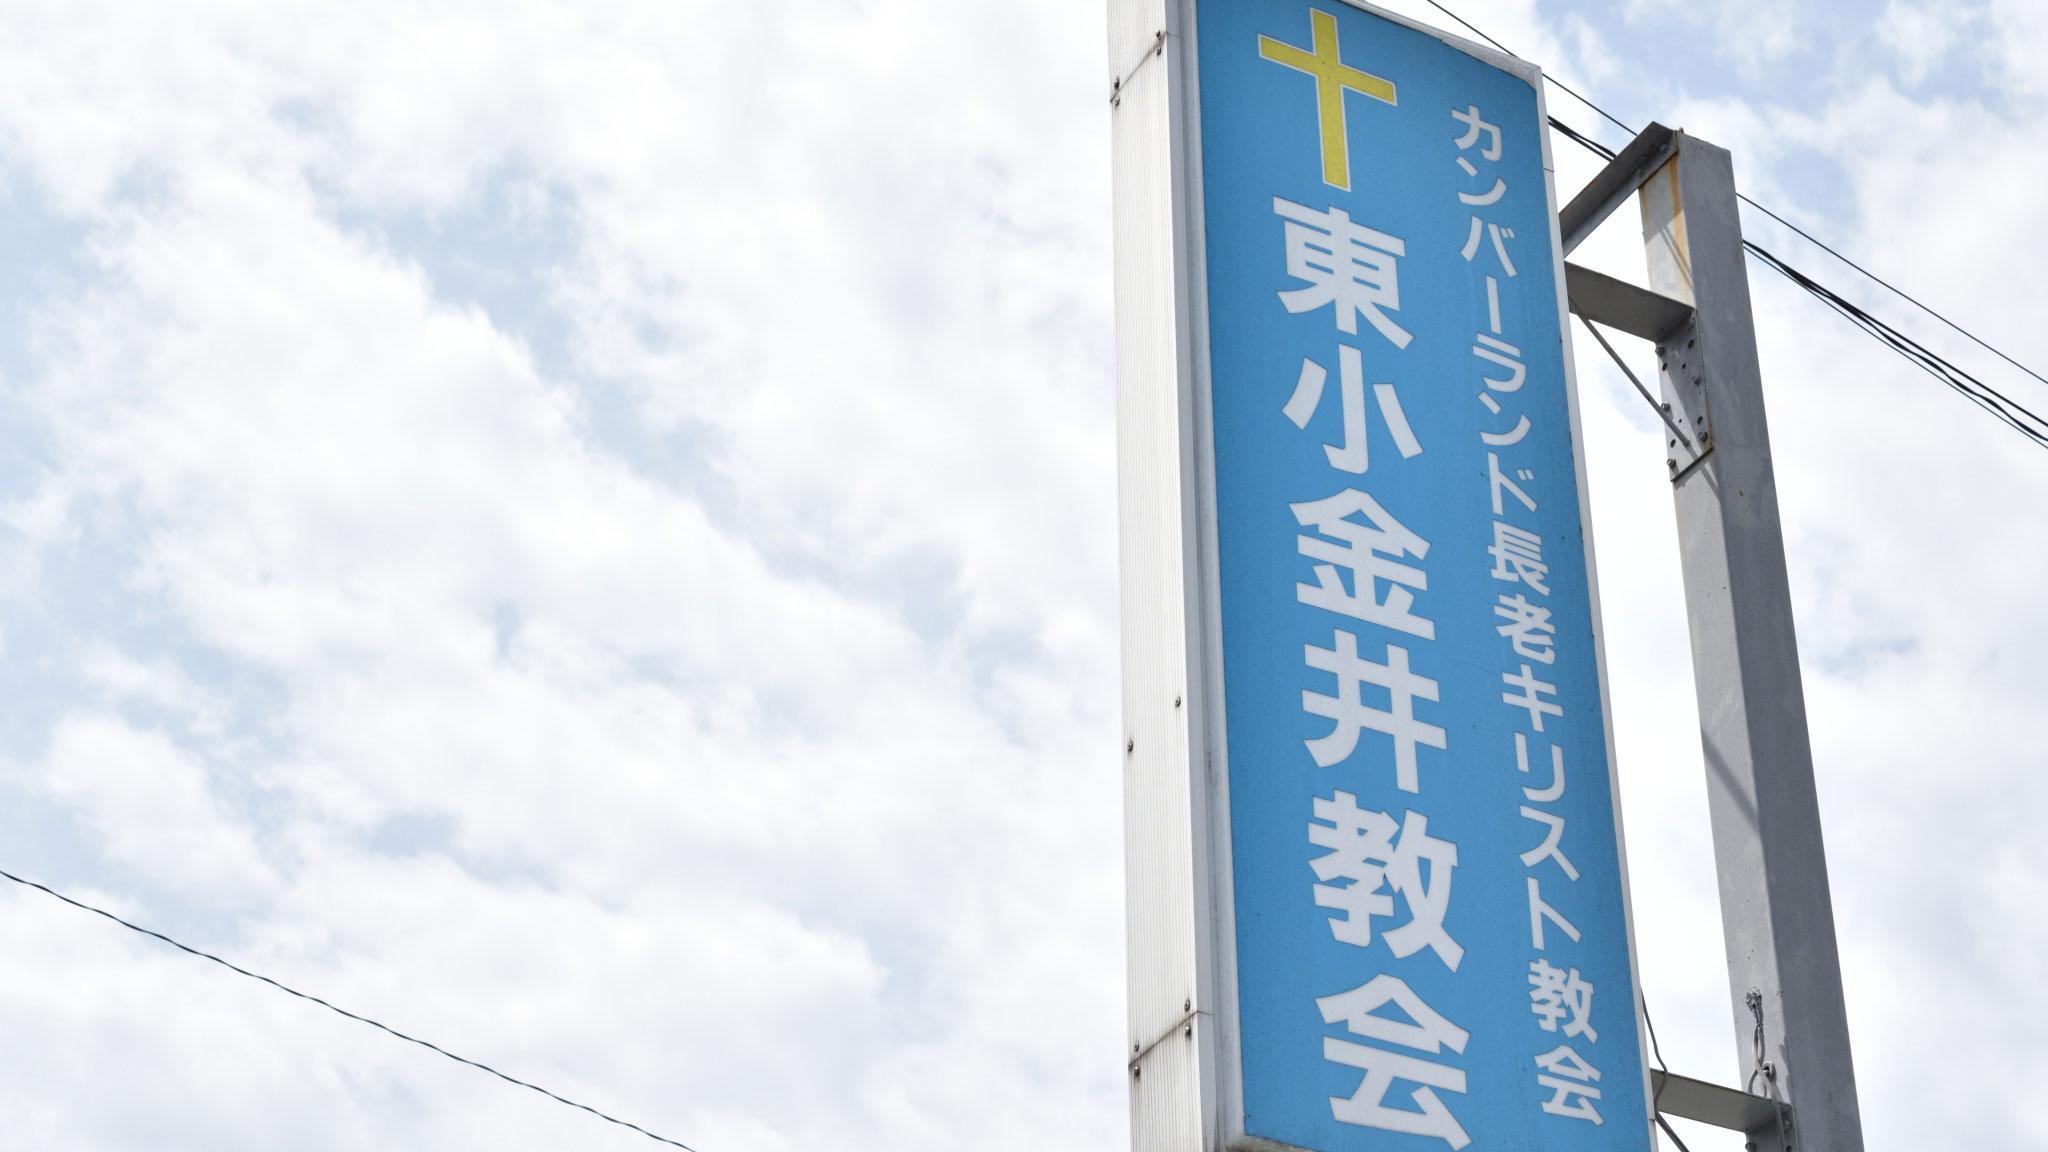 カンバーランド長老キリスト教会東小金井教会の青い案内板です